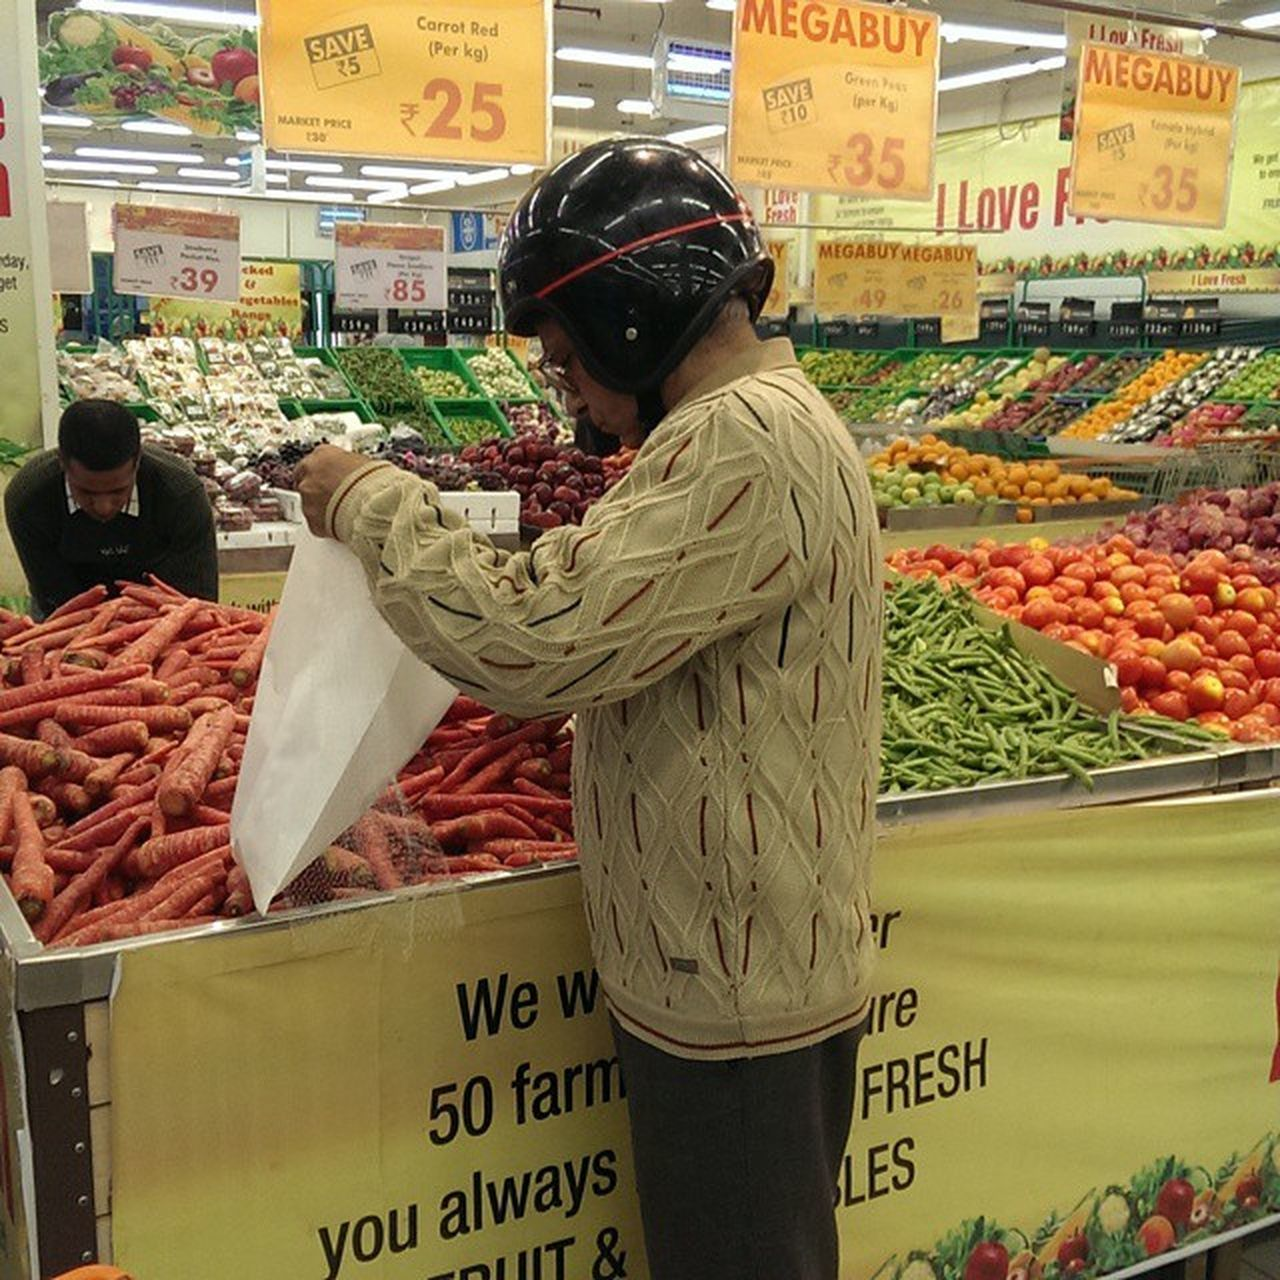 SAFETY FIRST Shopping Shoppingbelike Longdirve Longdrivepechal vegetablevegetablemarkethelmetdrivebillinggrocerymoremegastoremegastore